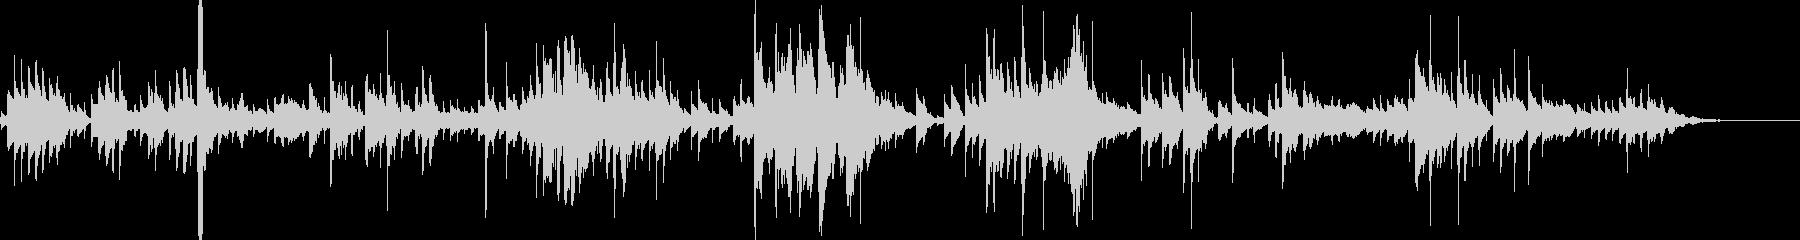 シンセビブラフォンアルペジオの未再生の波形